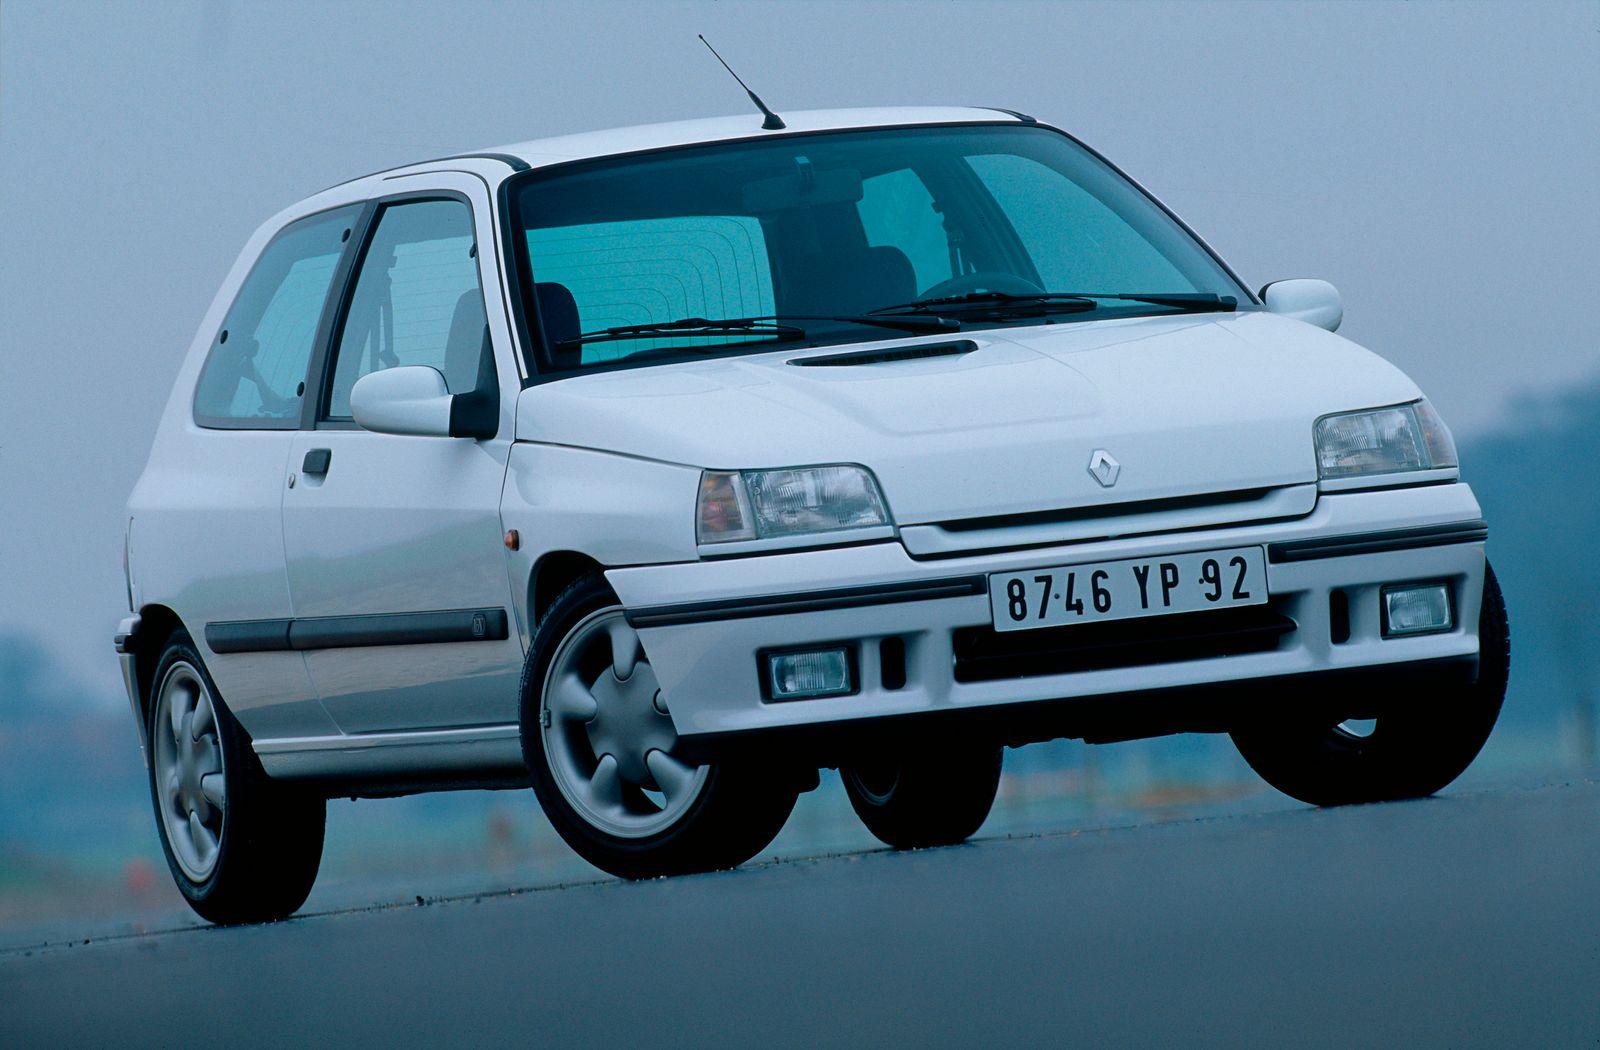 RENAULT CLIO 16 V 3 DOOR - 94 MODEL